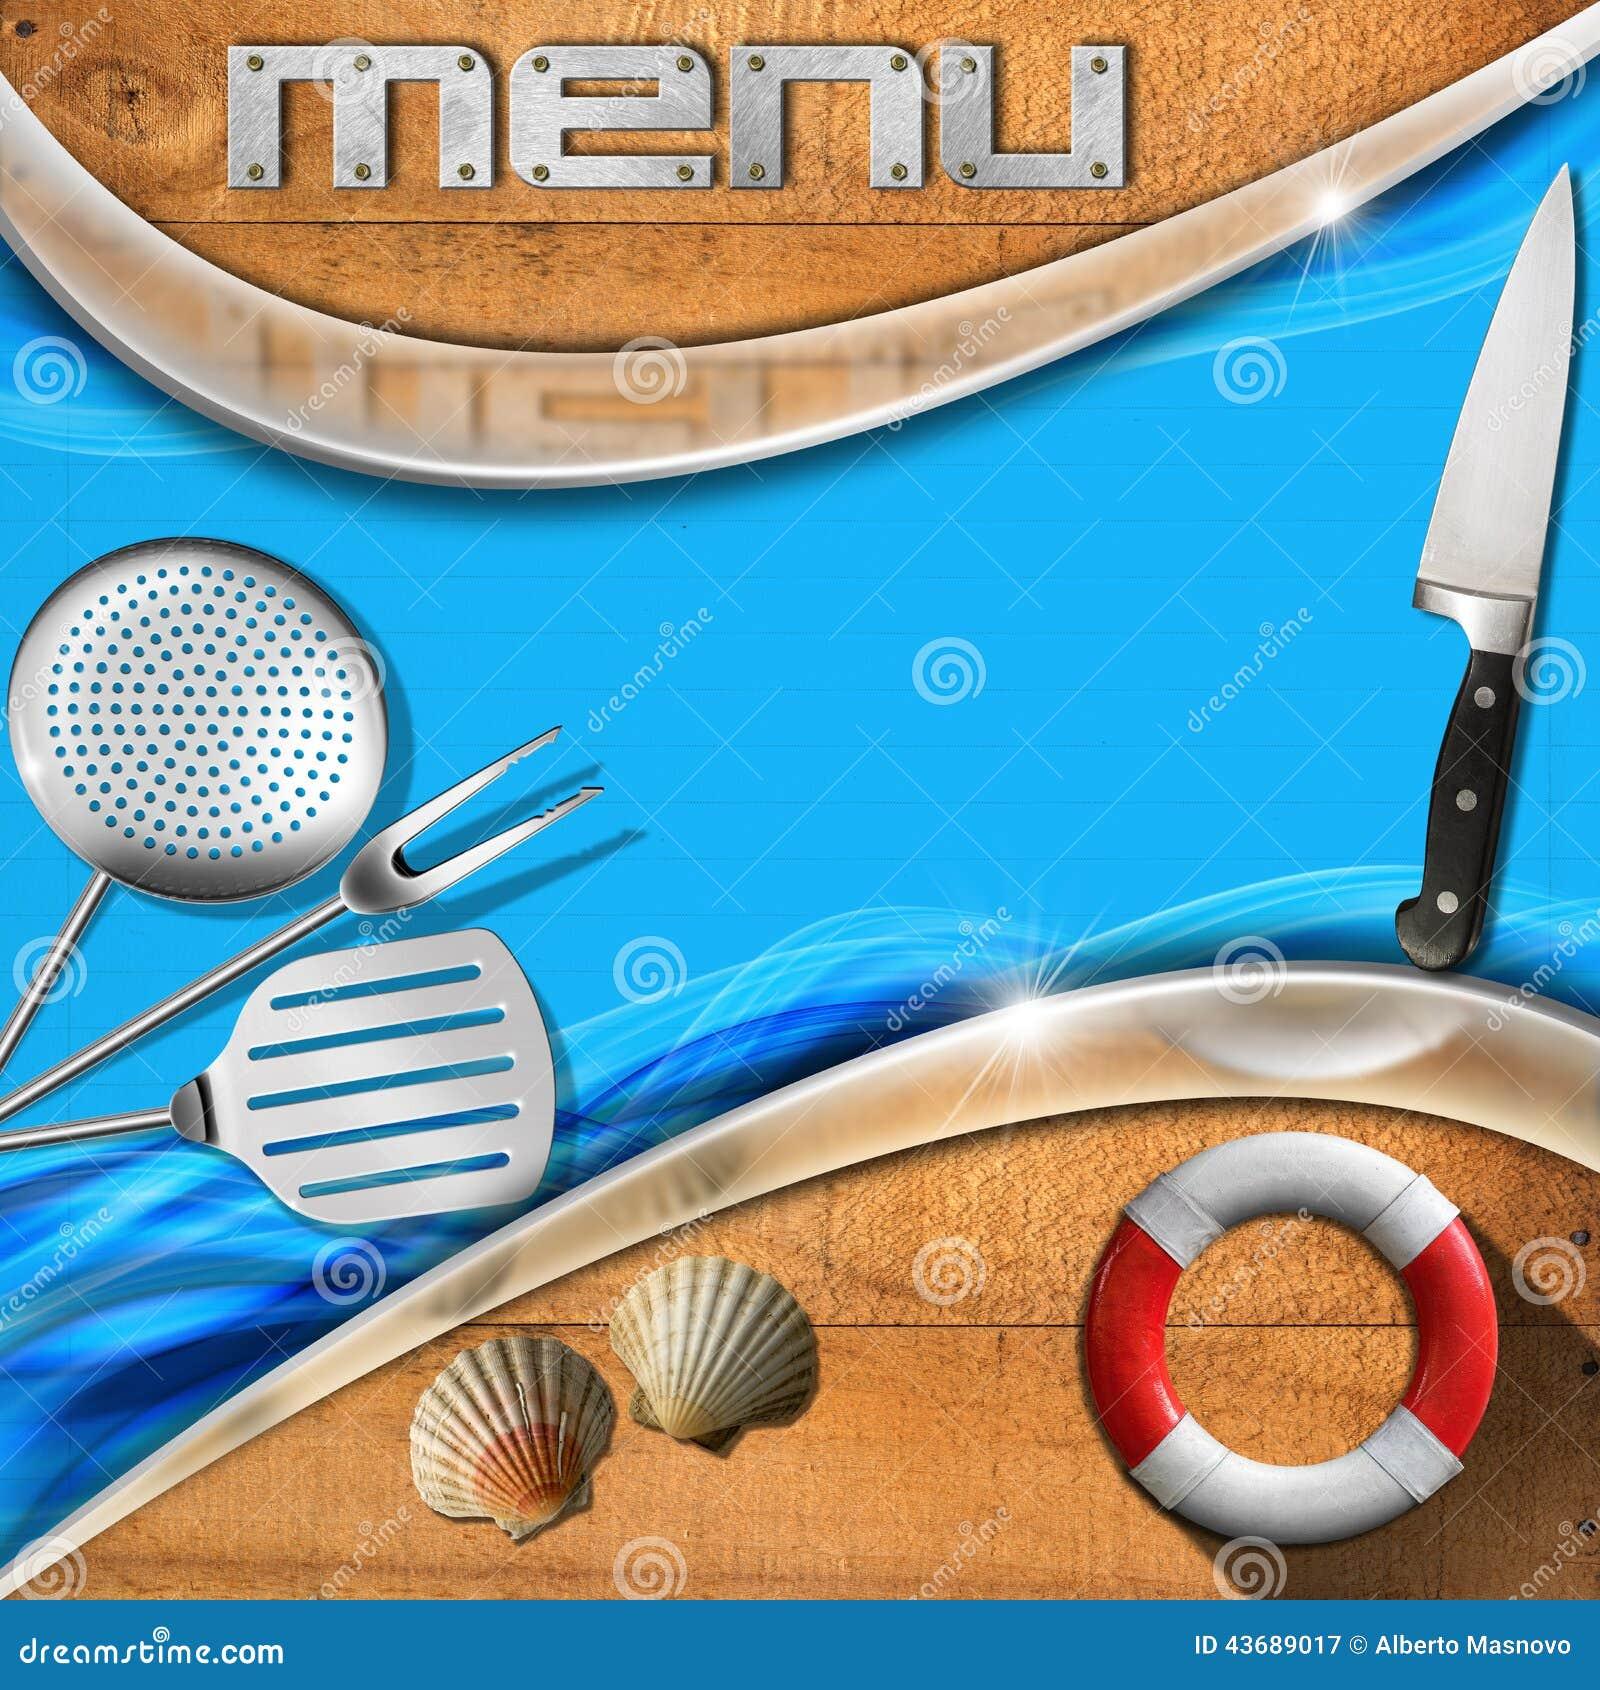 Seafood Menu Template Stock Illustration Image 43689017